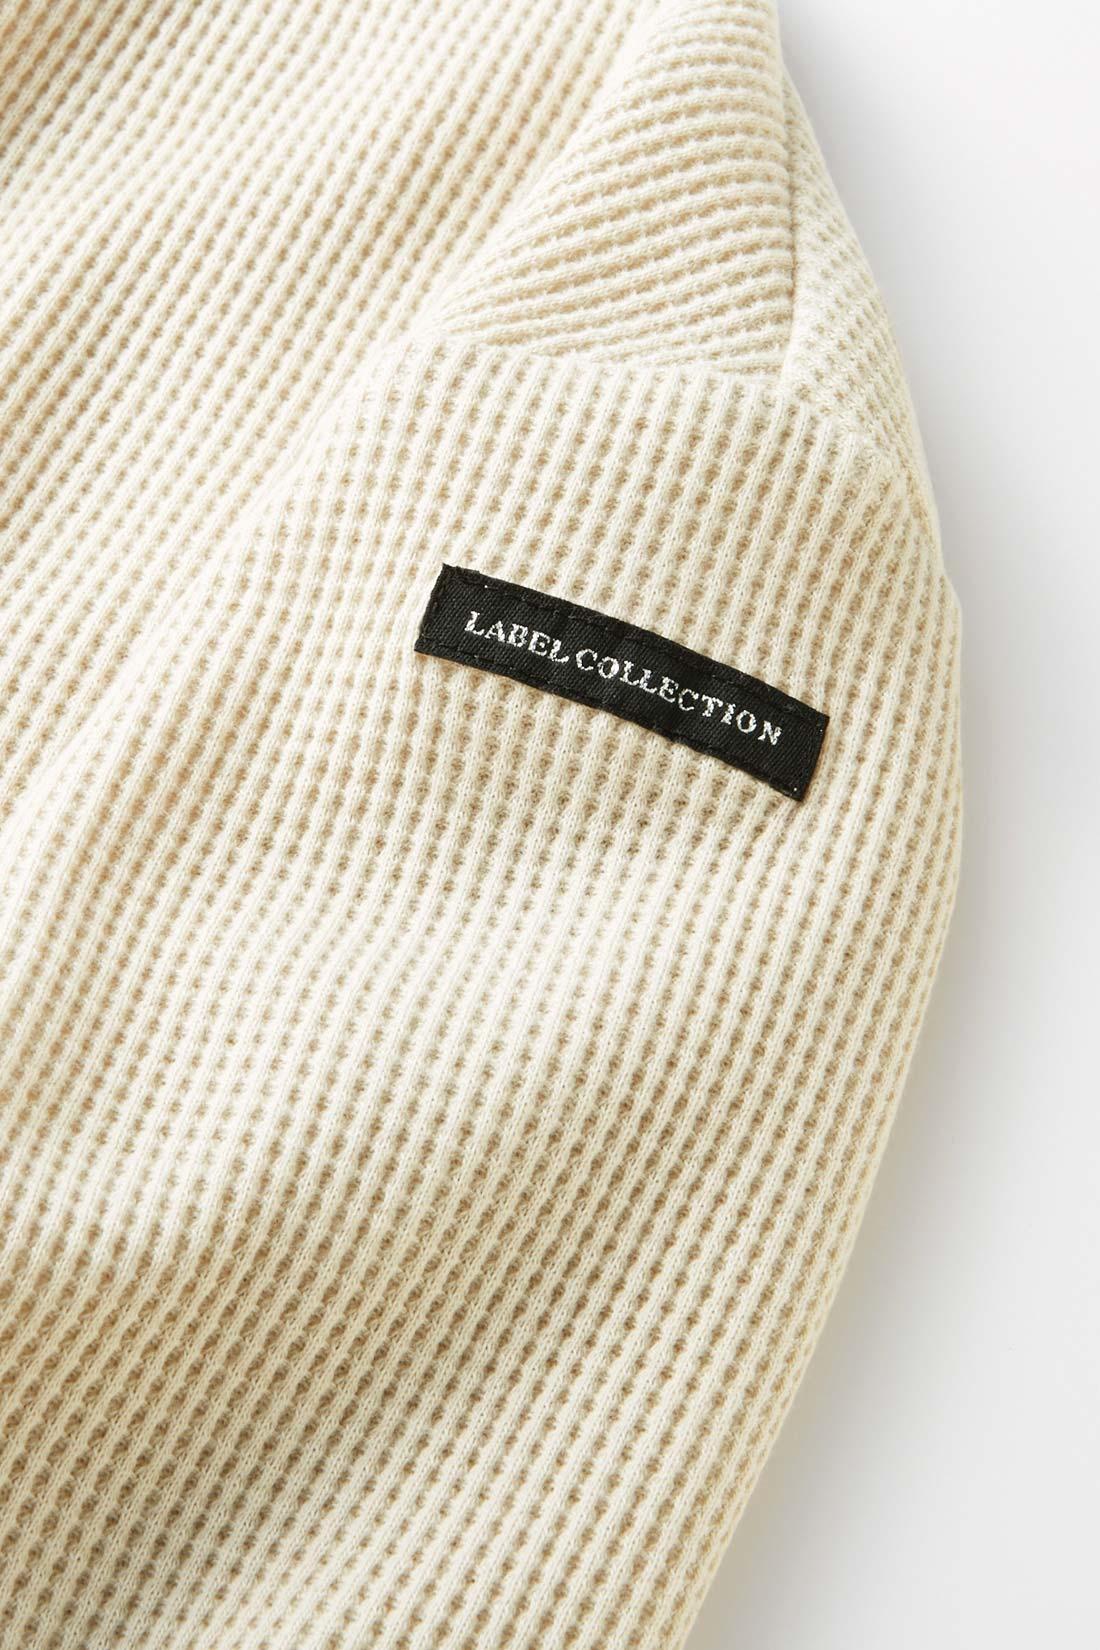 袖にはブランドネームタグ リュクスなムードを高めるワンポイントもぬかりなく。本格フレンチシックな表情が印象的。 ※お届けするカラーとは異なります。